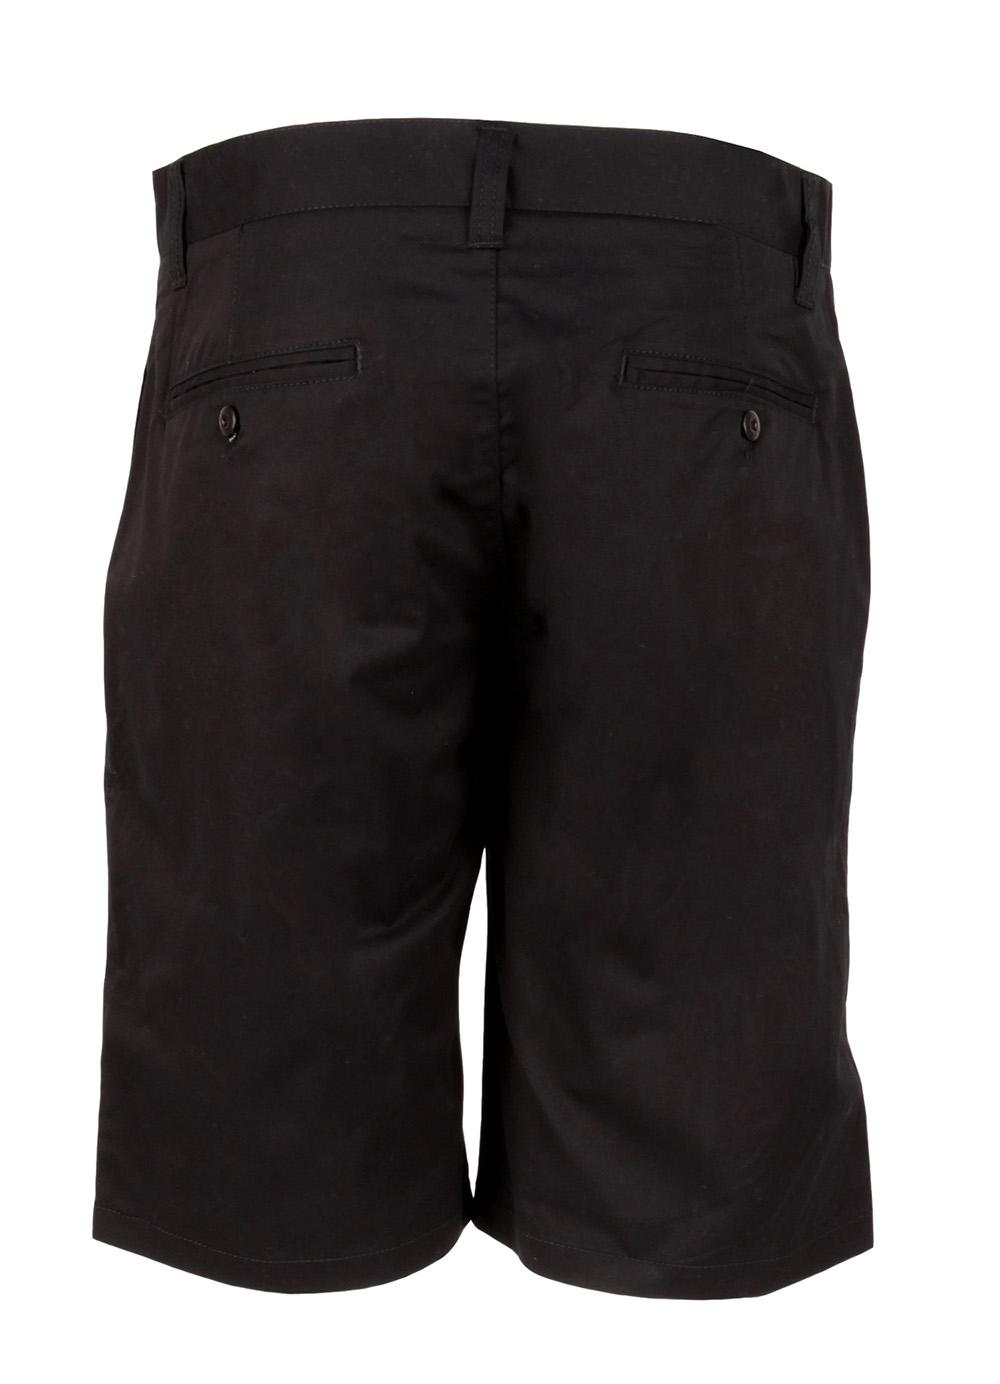 CS 007 - Black (back)